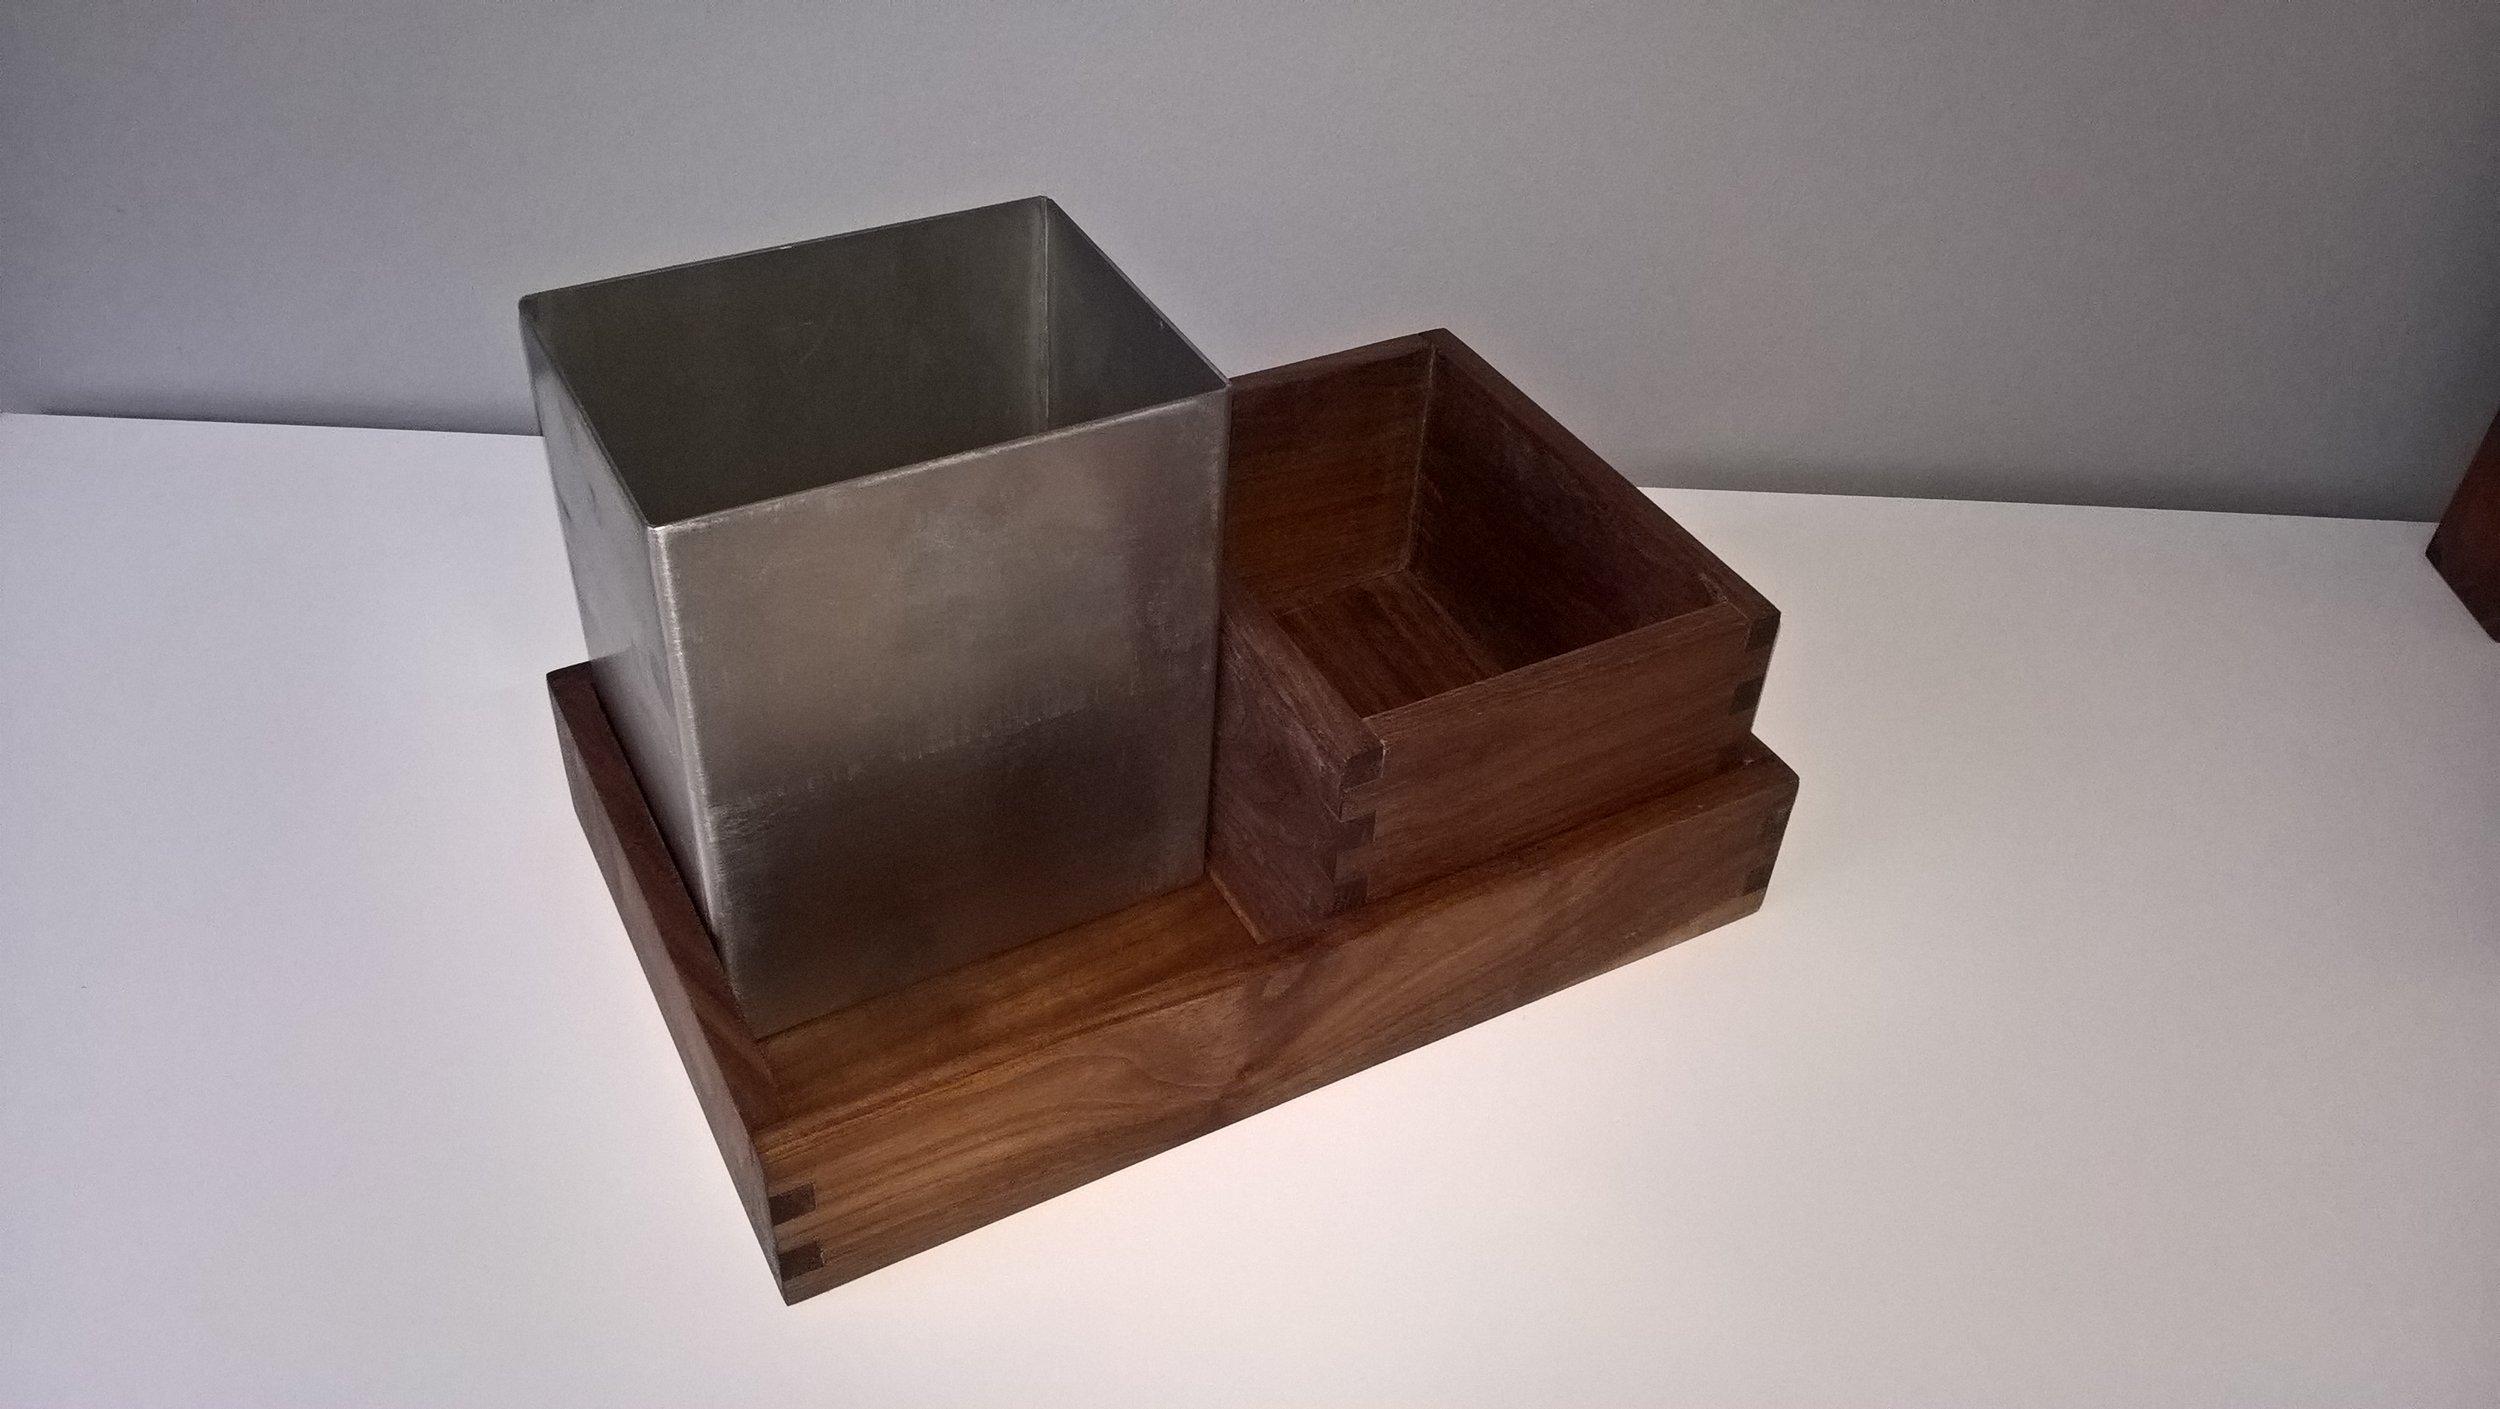 På billedet ses kombination af : 2 dele fra dishbox - medium 1 del fra dishbox - large